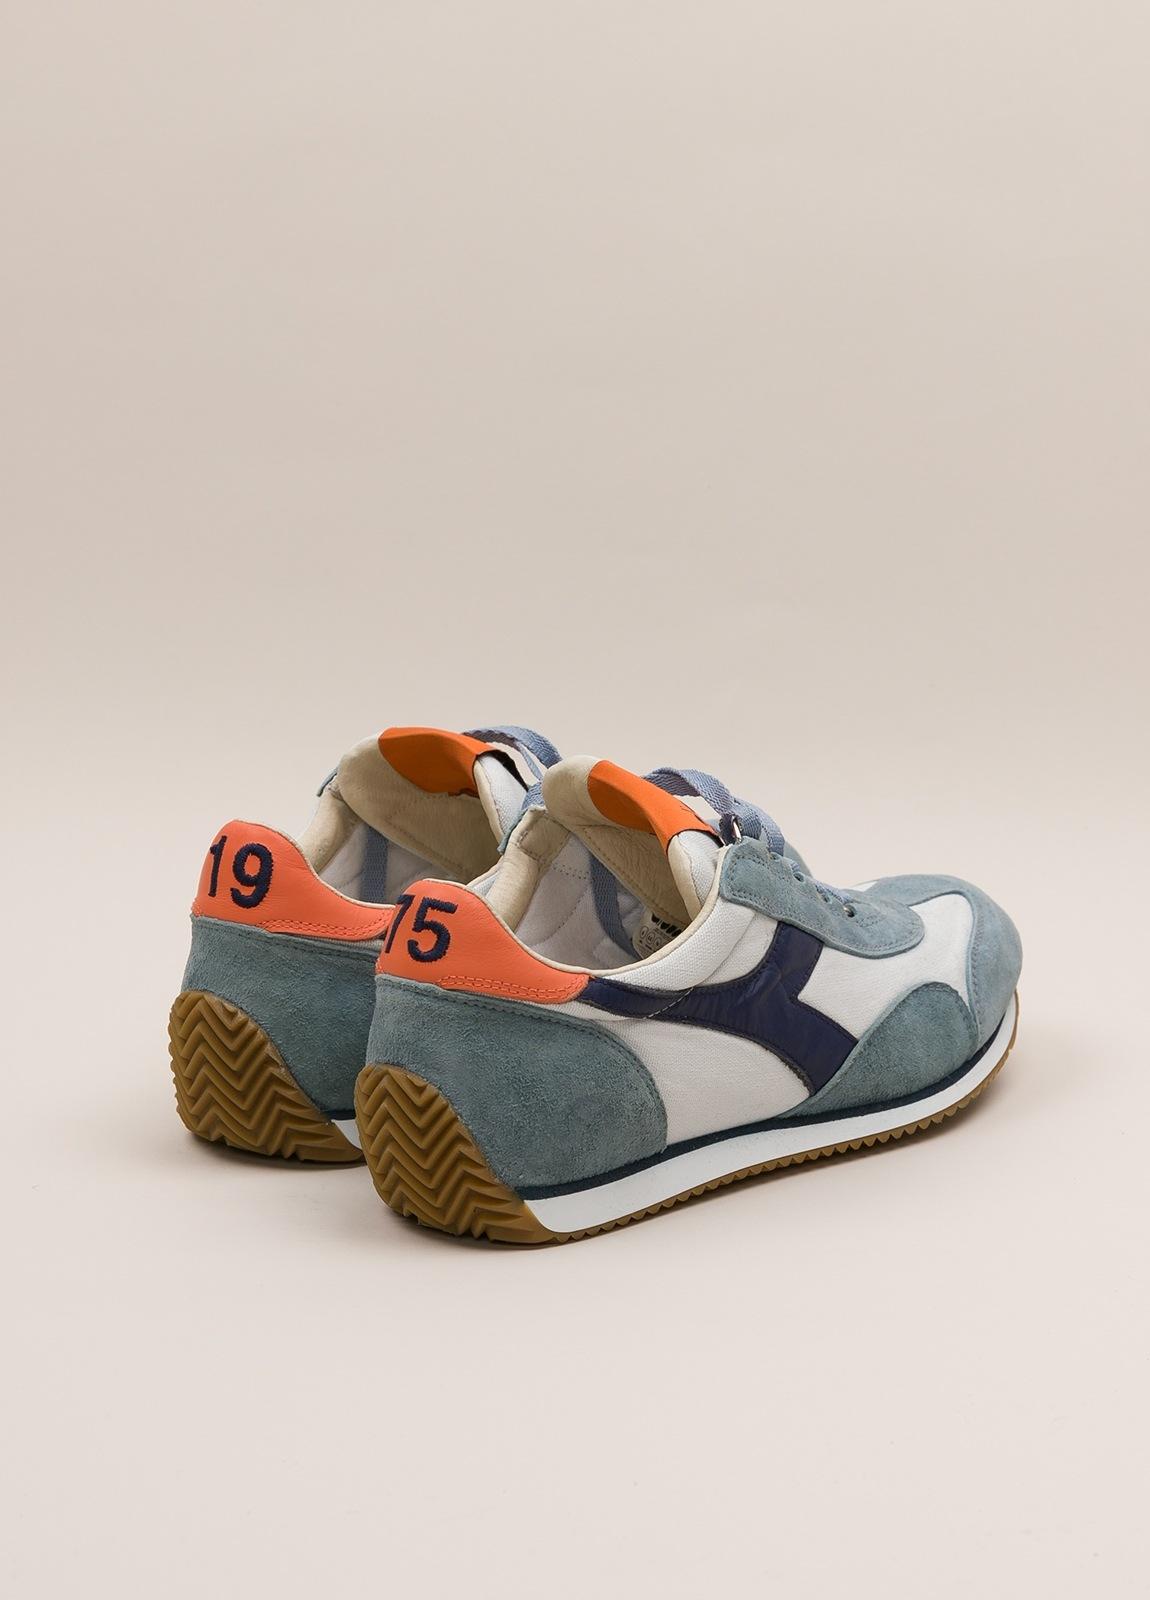 Sneakers DIADORA color celeste - Ítem4